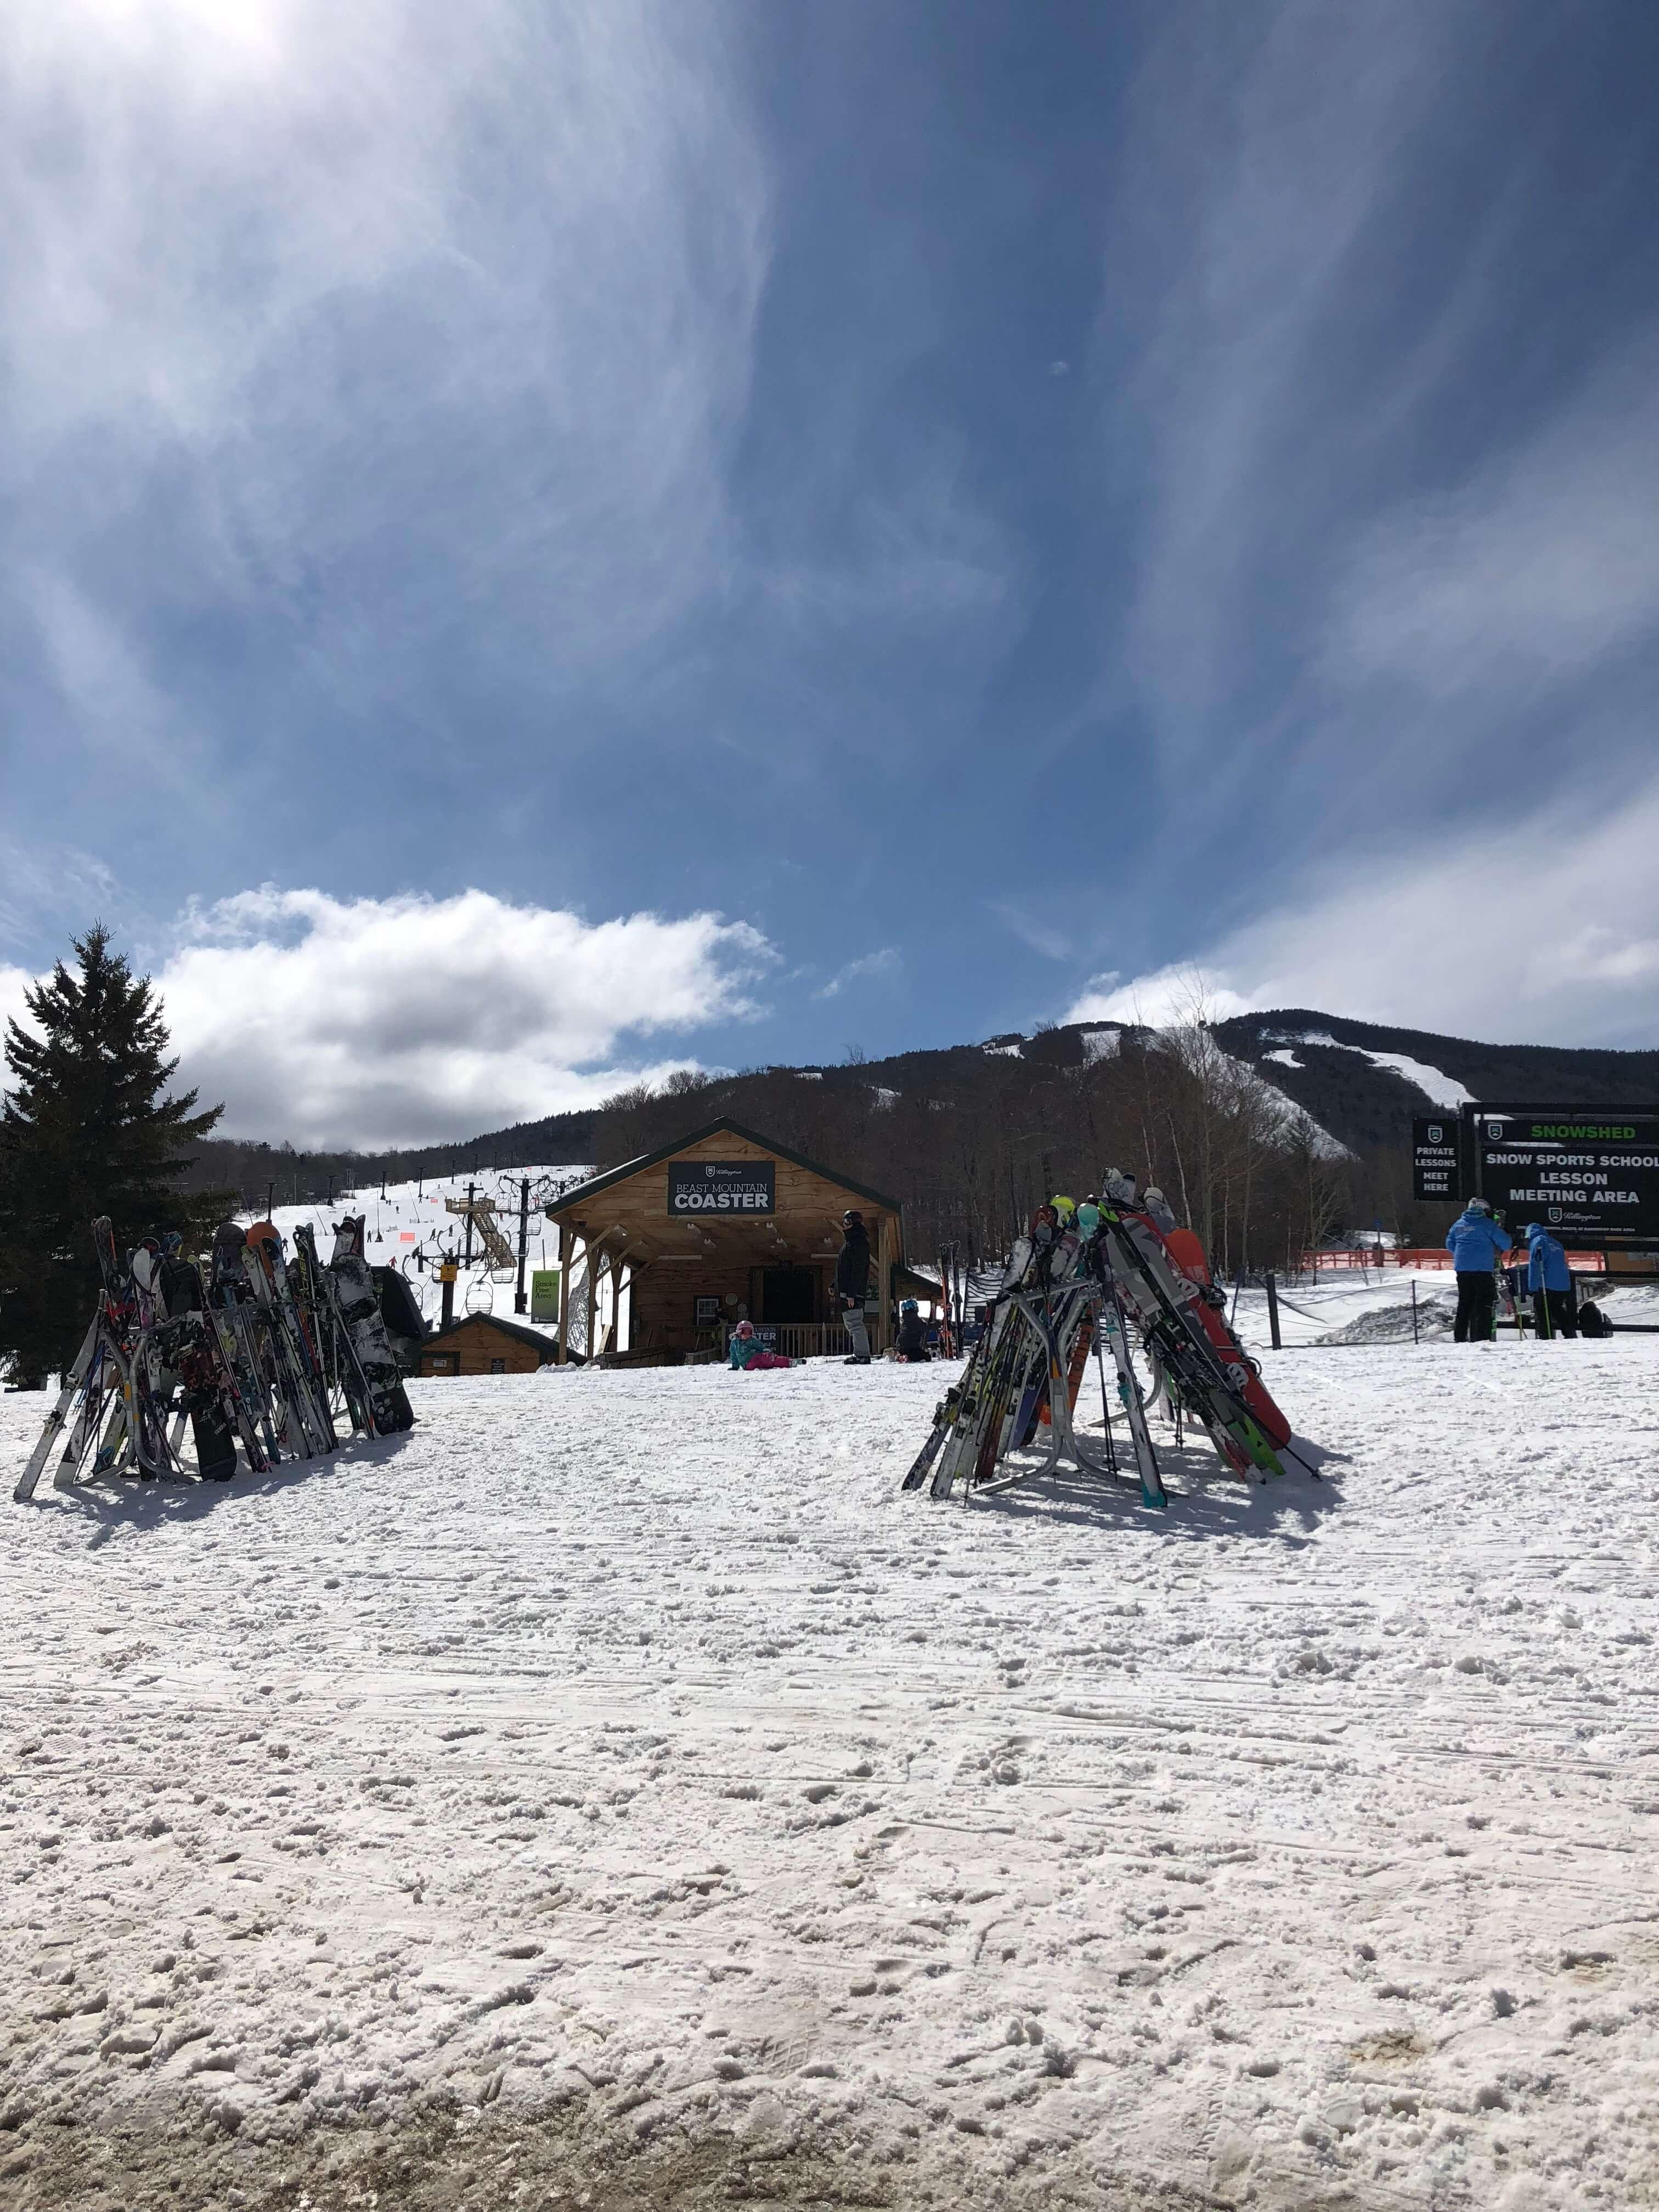 Killington Resort learn to ski program